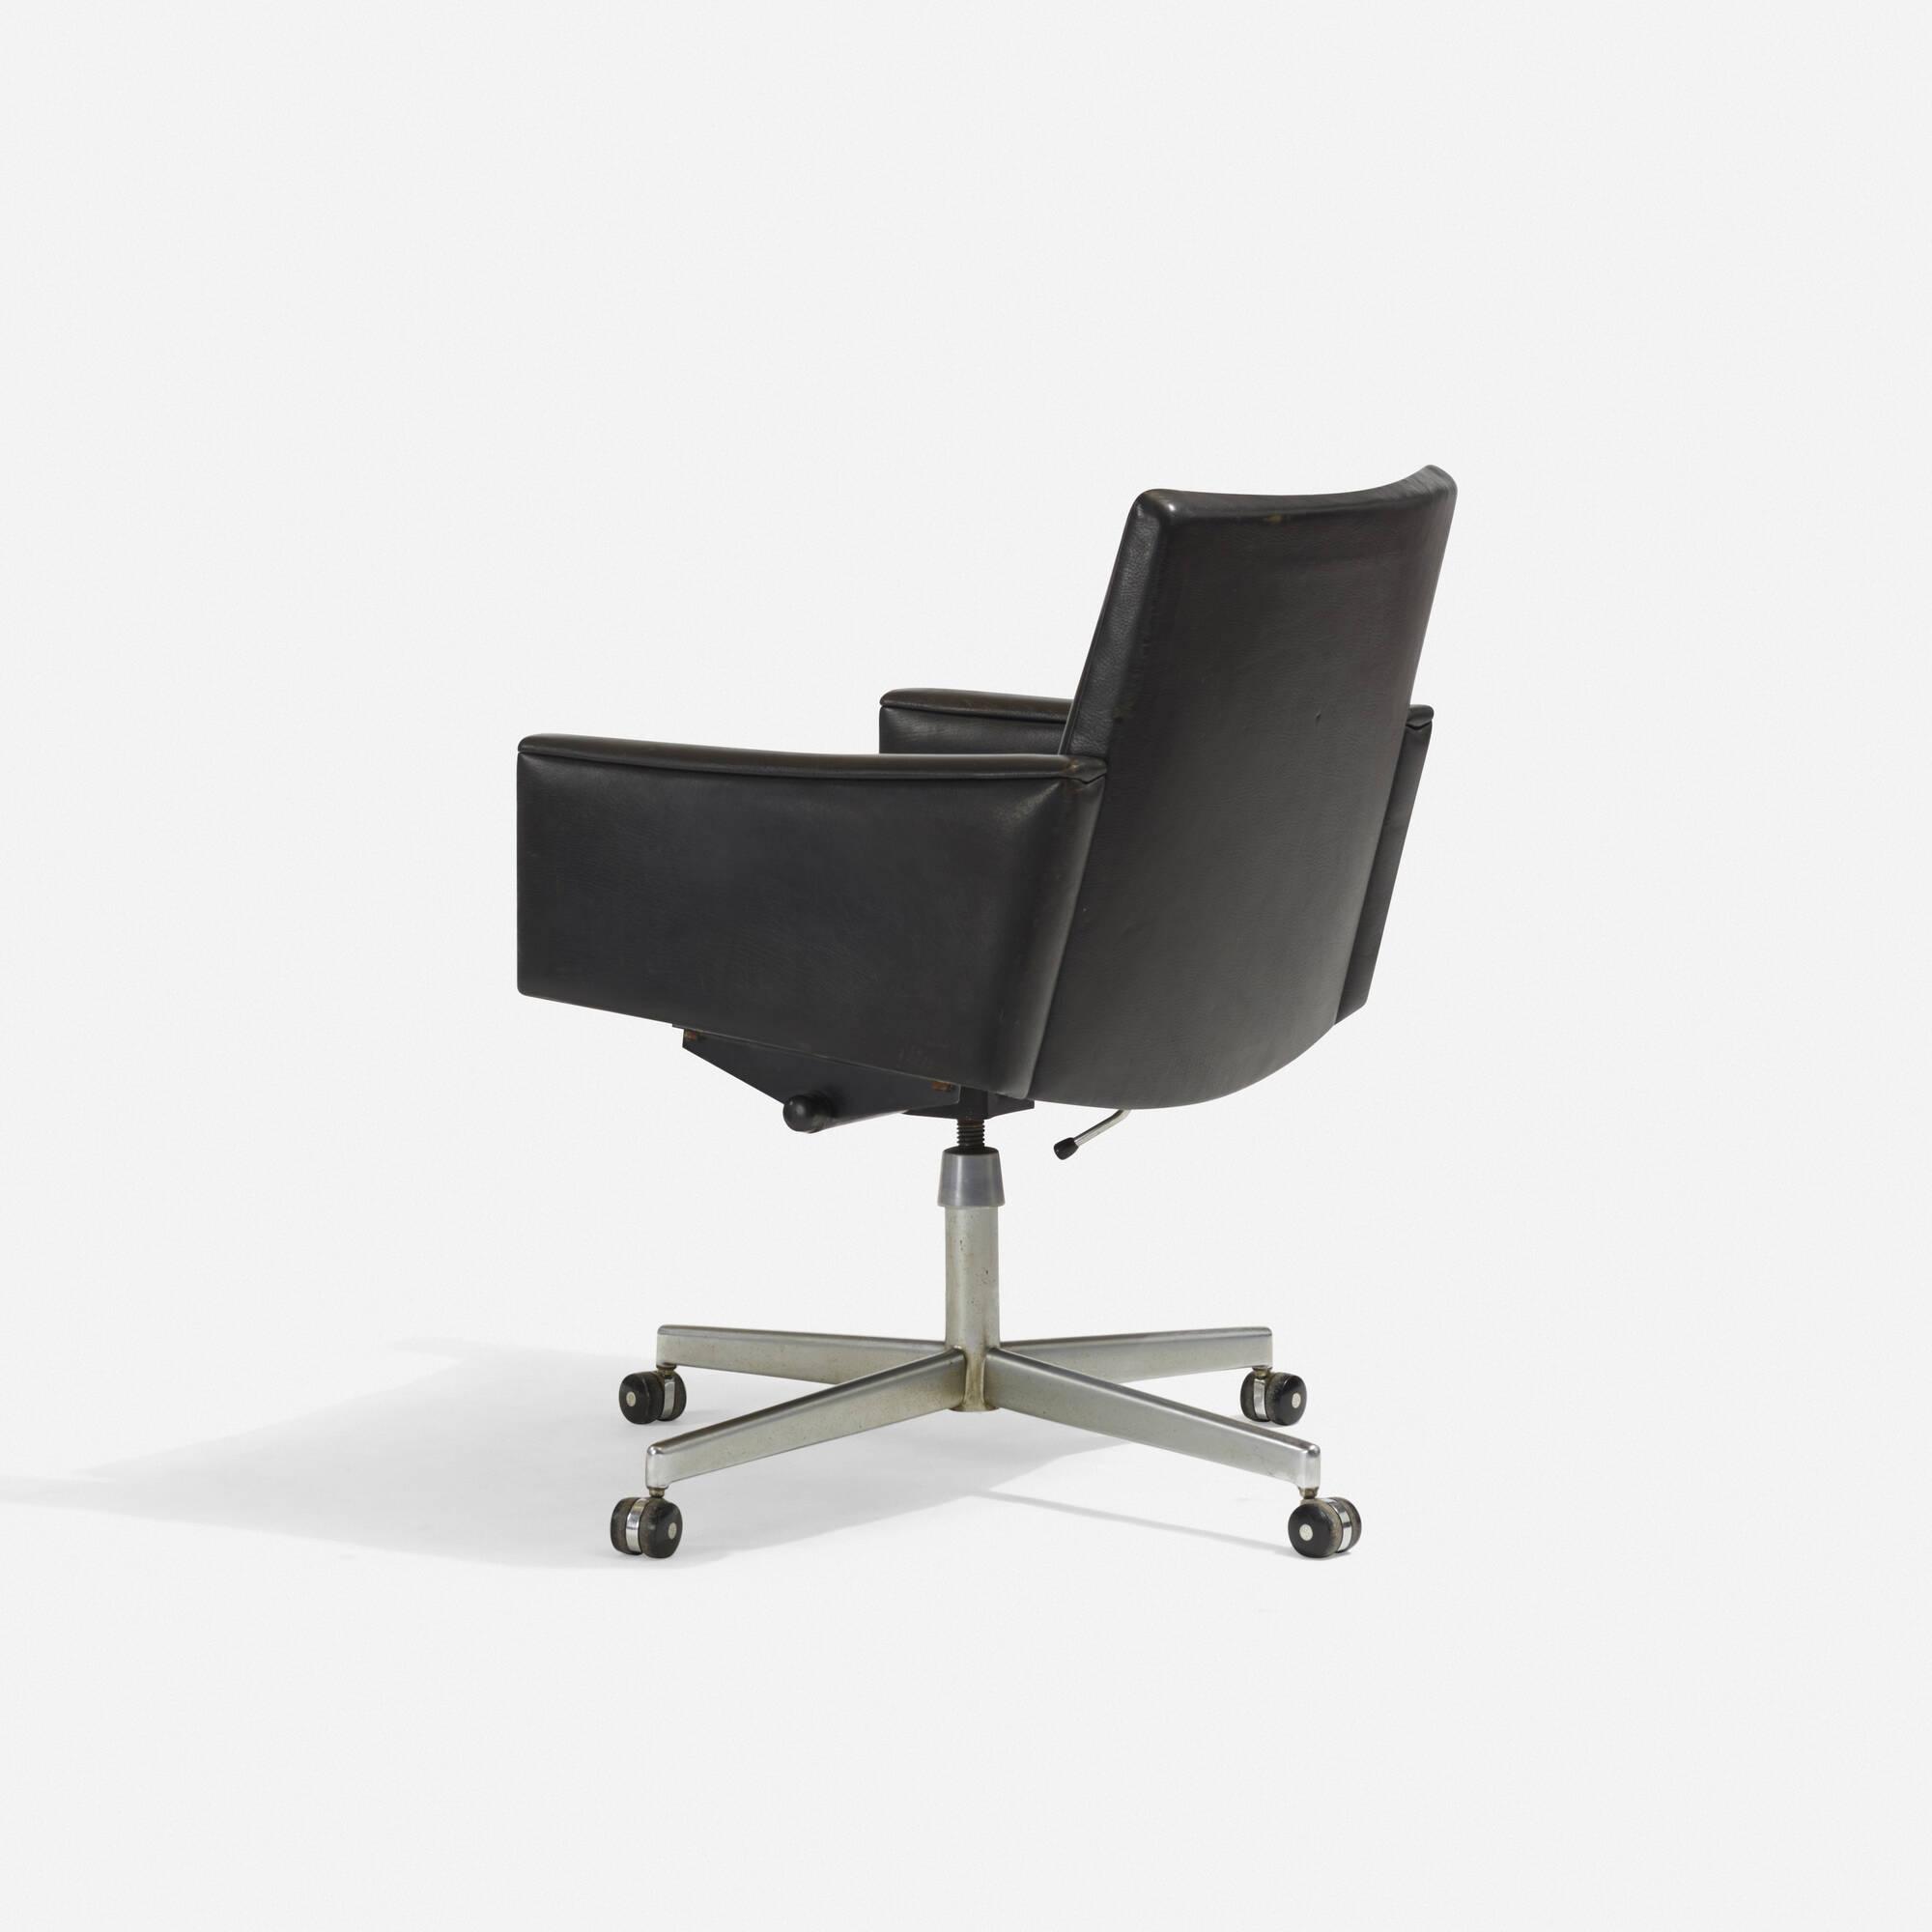 222 Hans J Wegner Desk Chair 2 Of 4